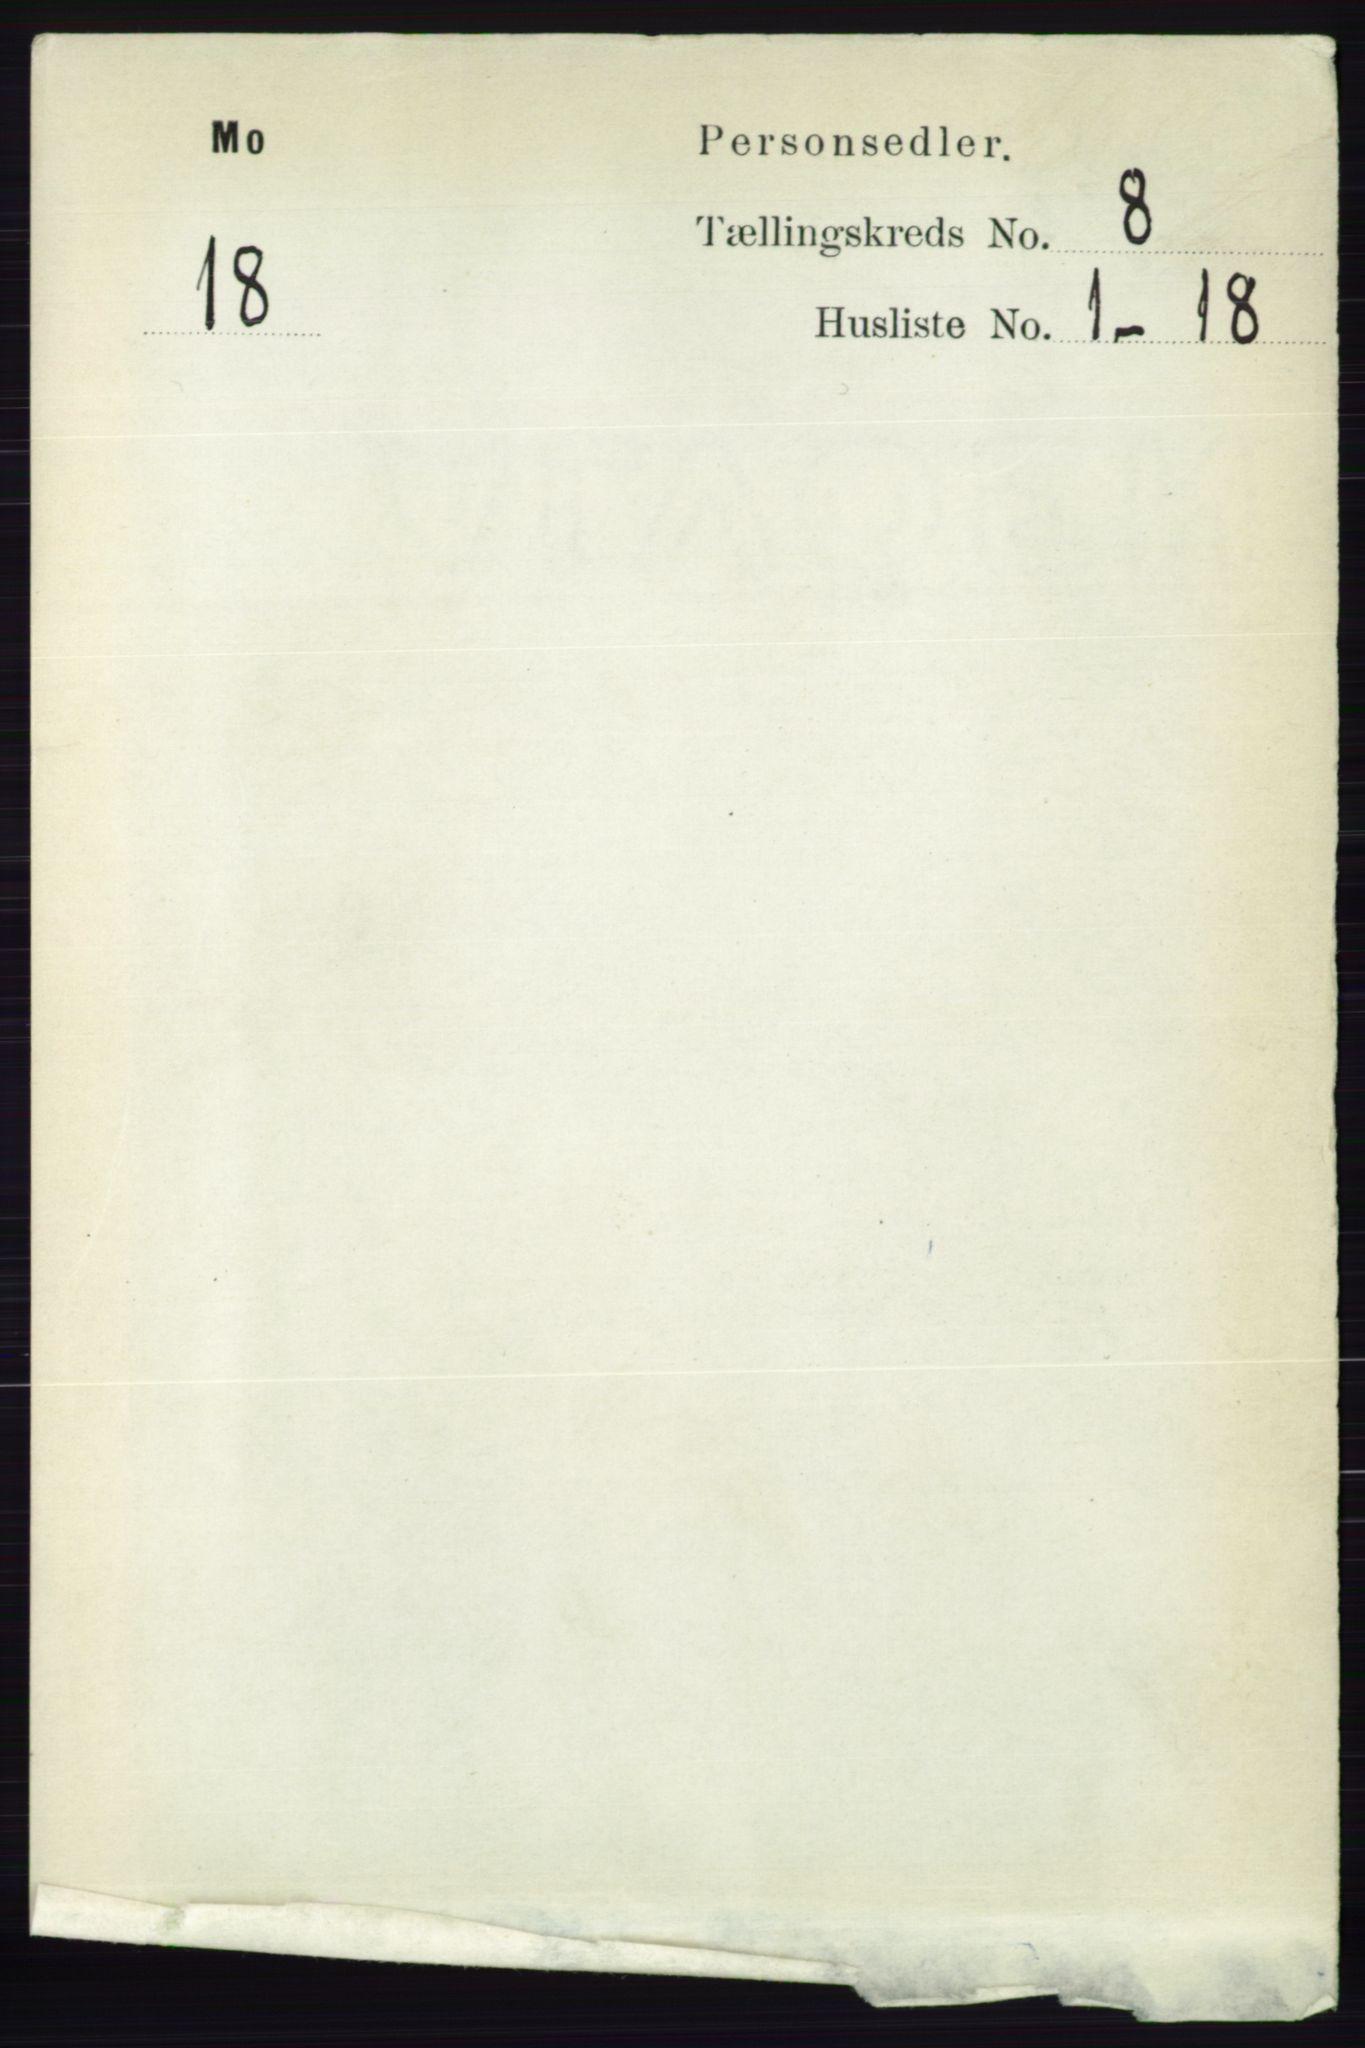 RA, Folketelling 1891 for 0832 Mo herred, 1891, s. 2051